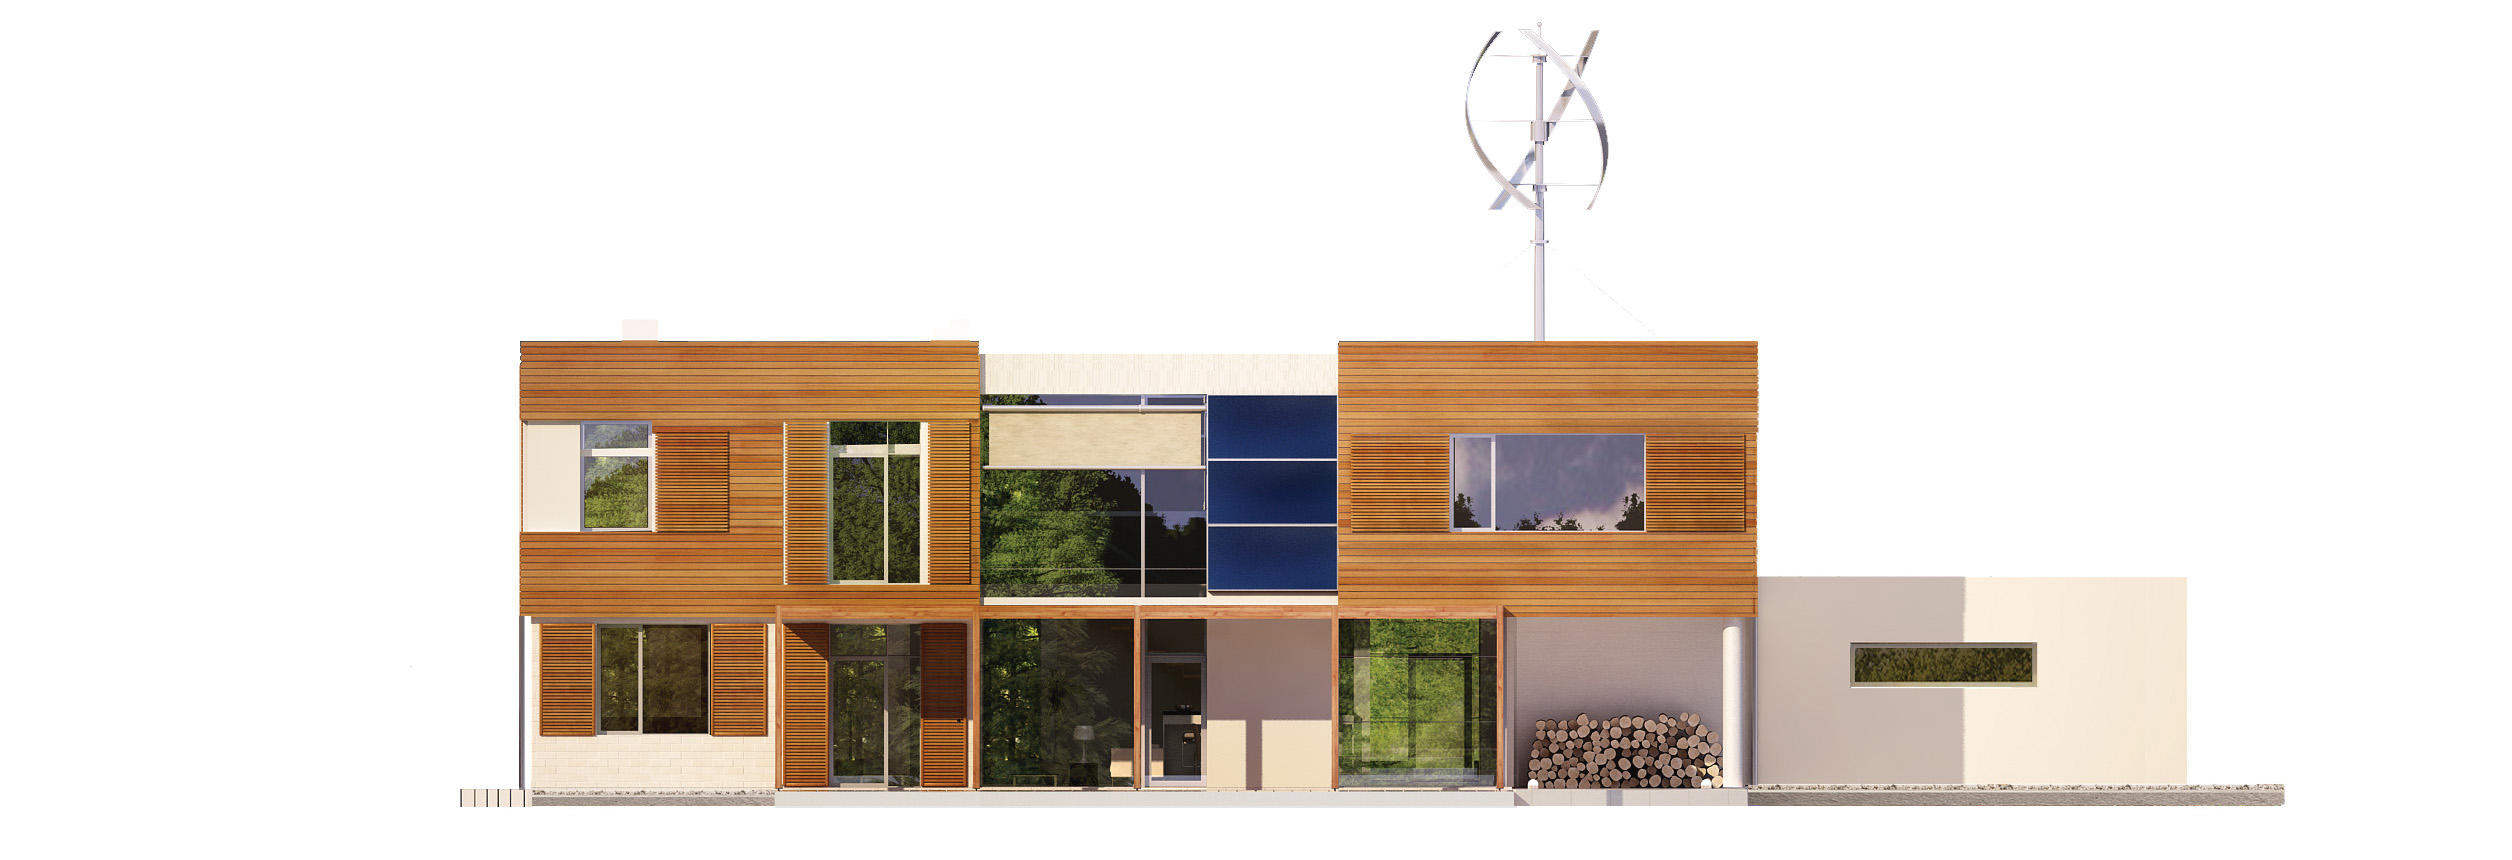 Projekt domu KOMFORTOWY Domy Czystej Energii elewacja tylna